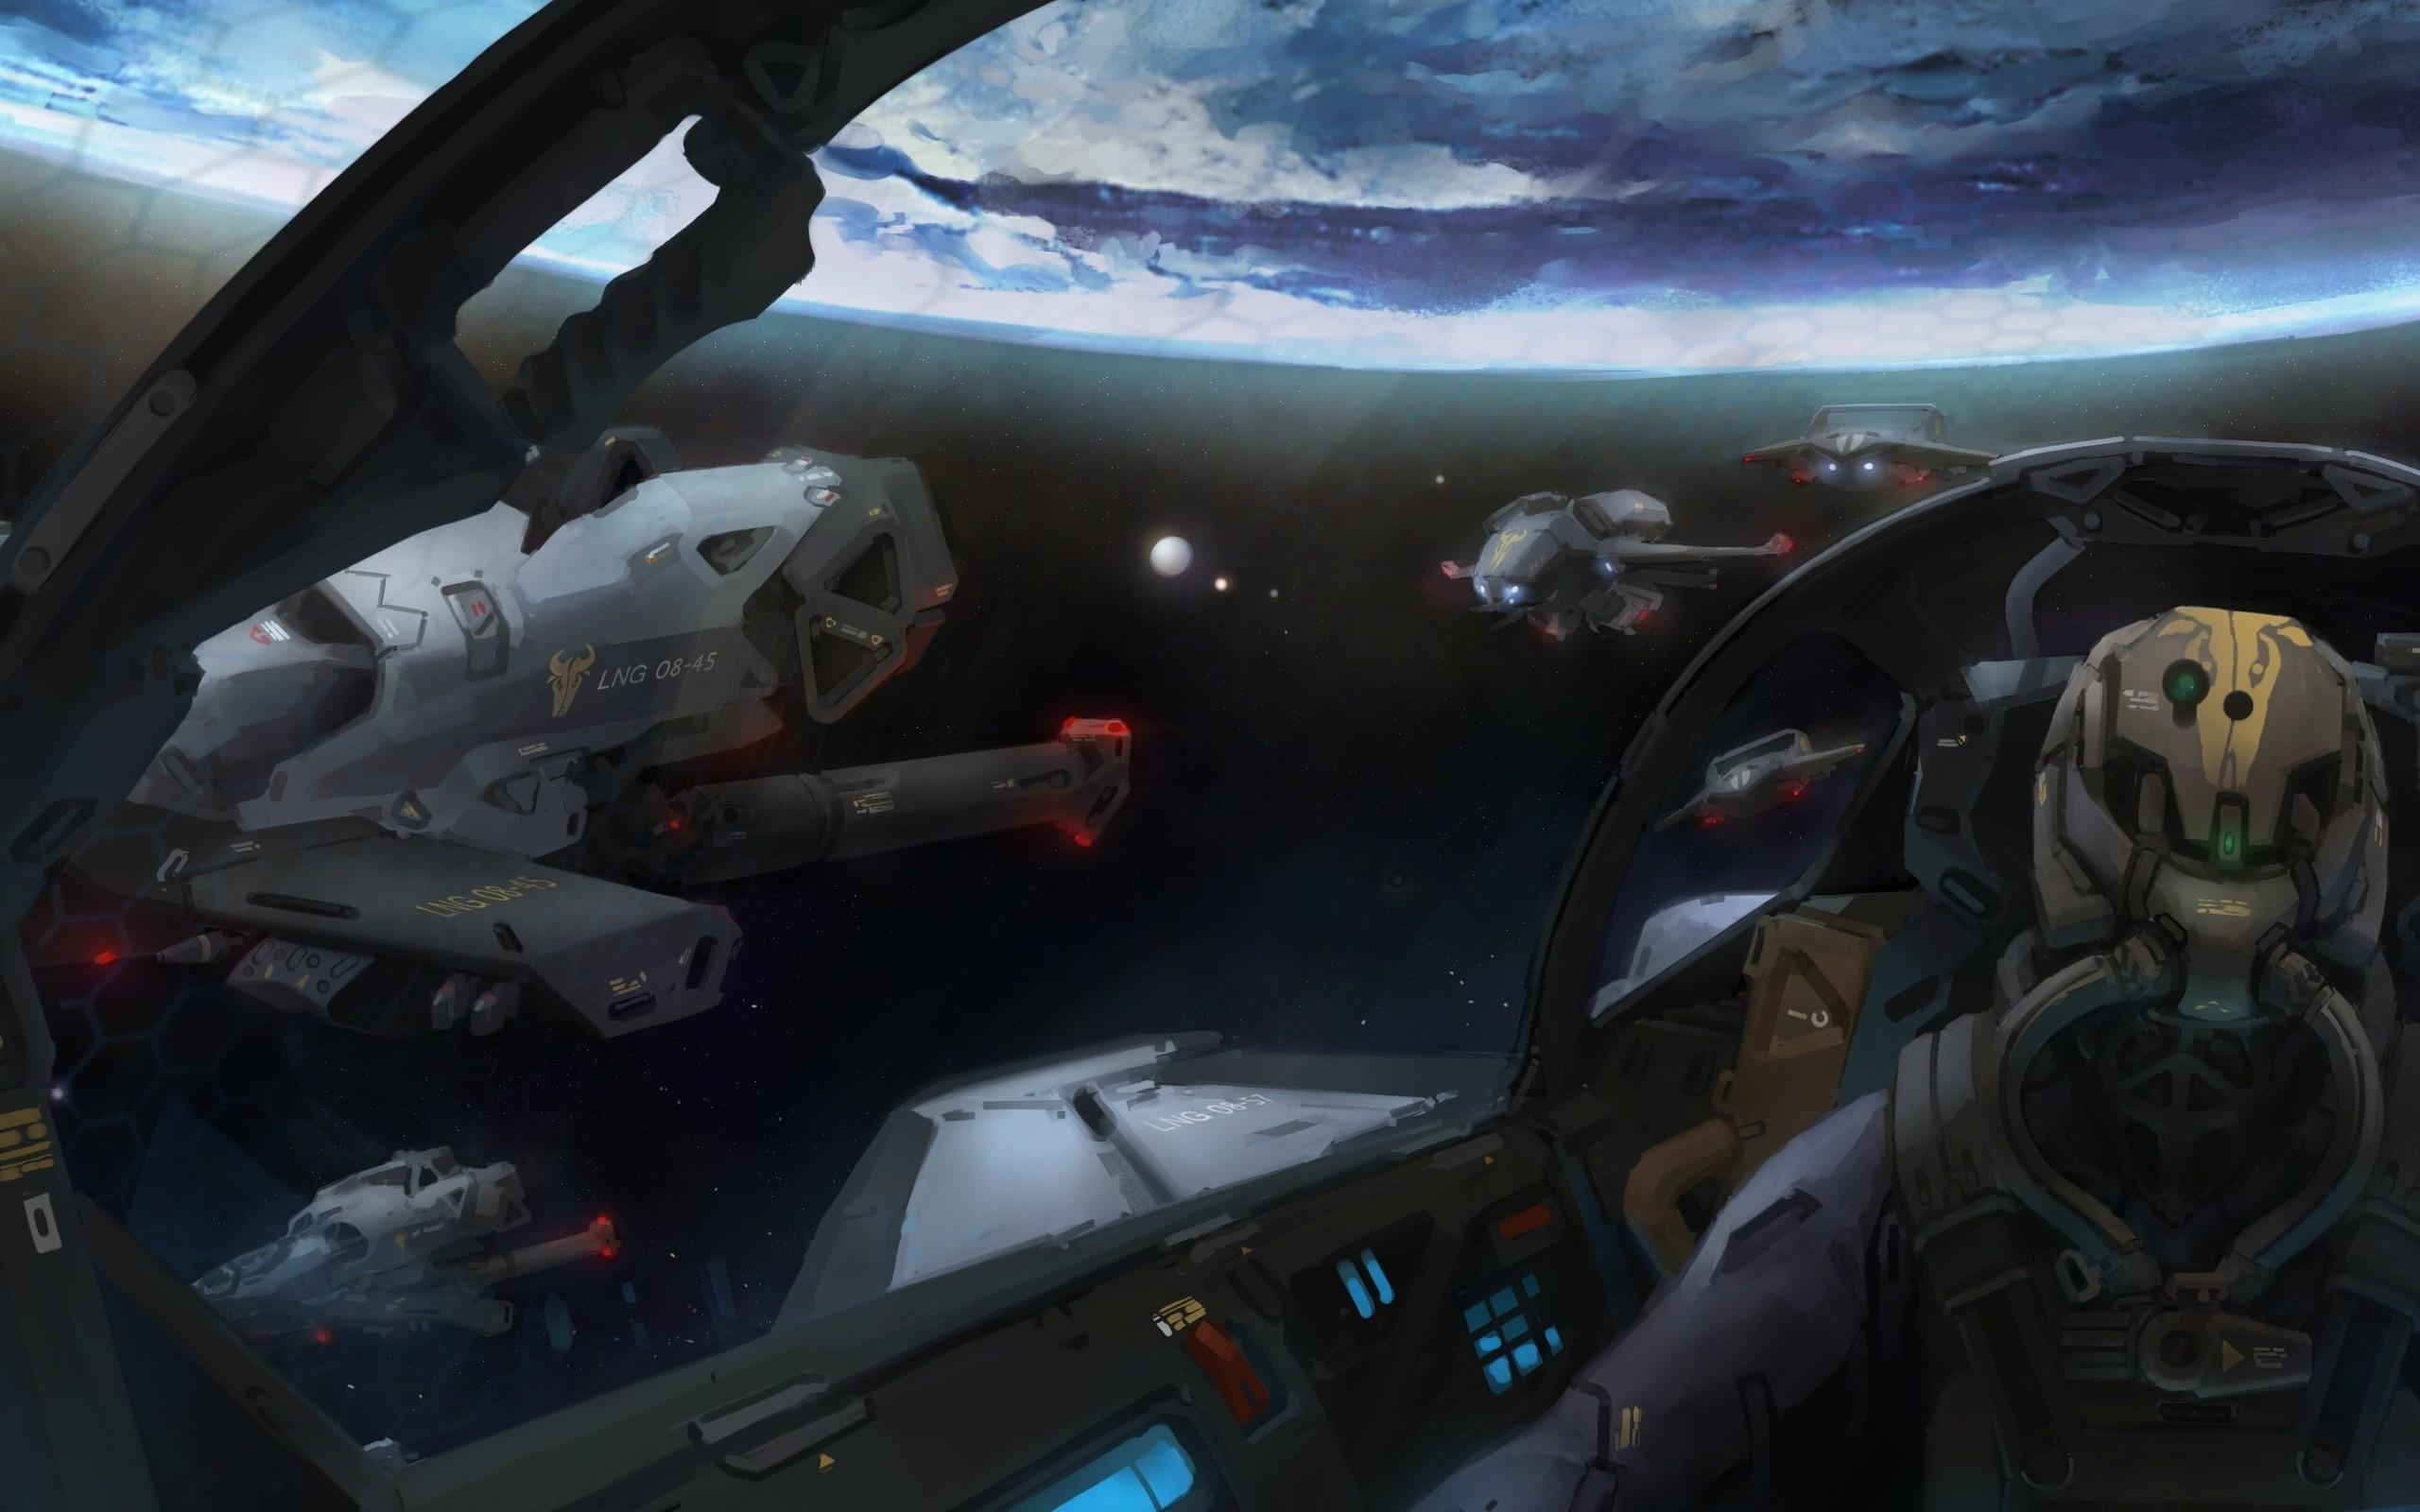 spaceship Wallpaper Background